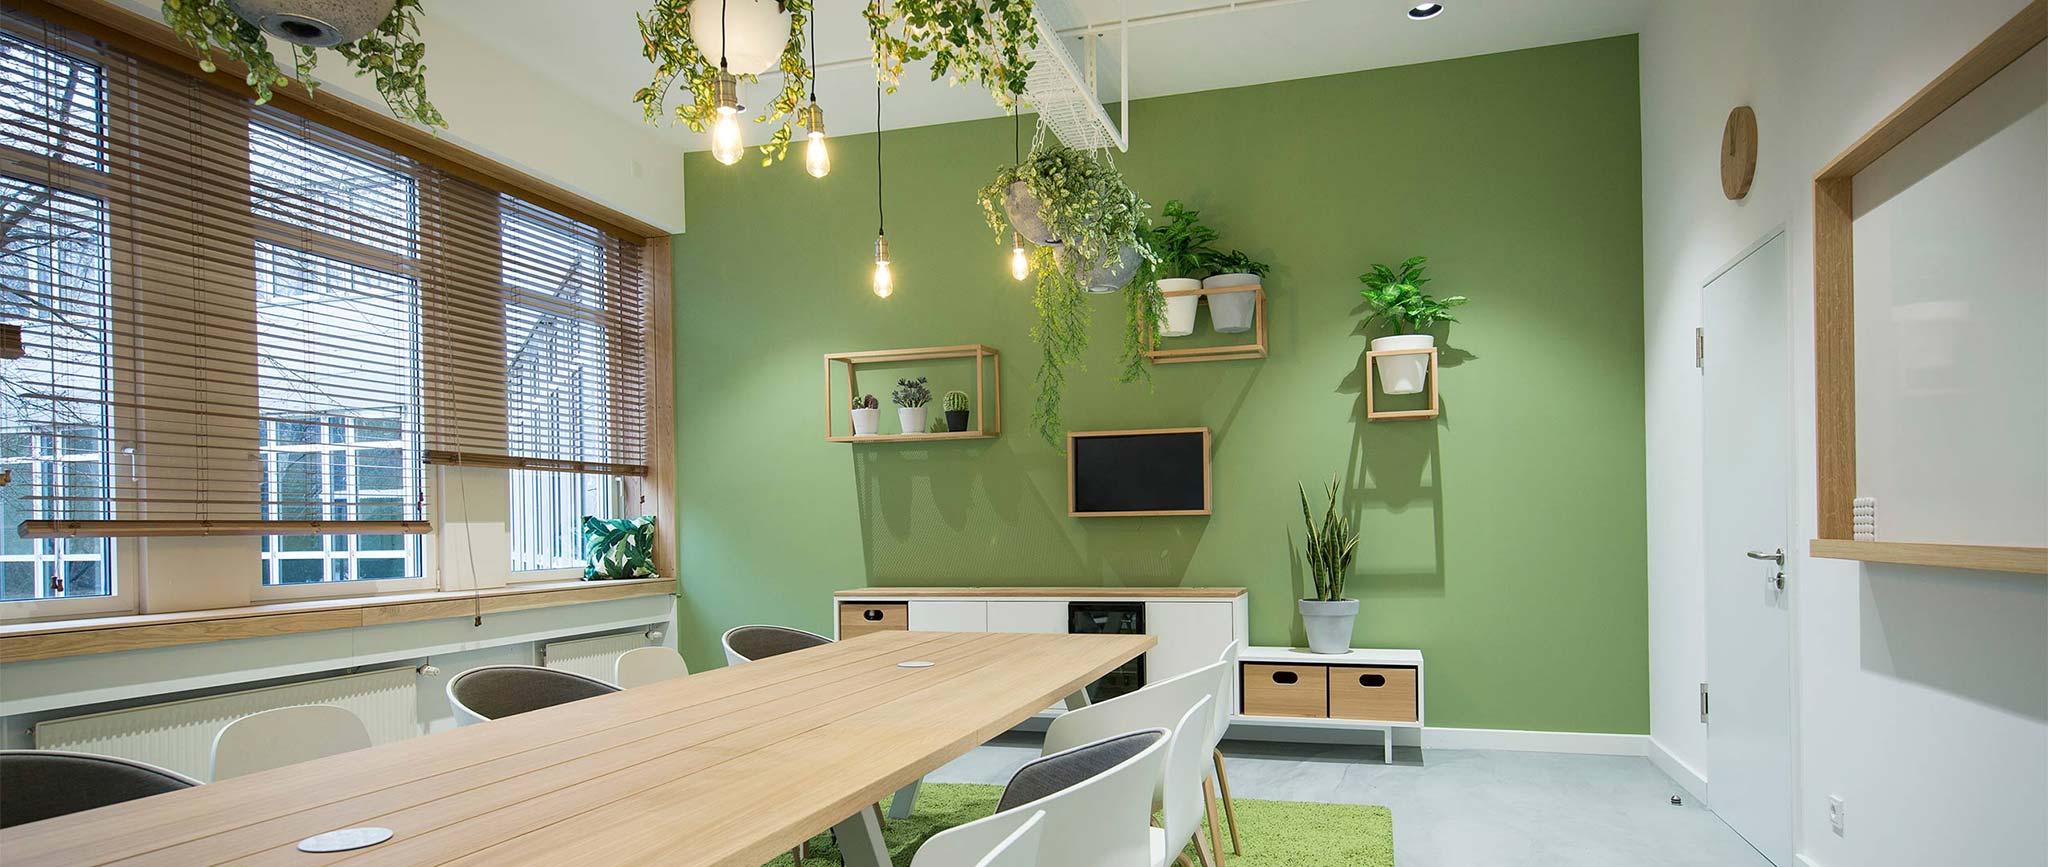 Der freenet Group Campus Hamburg: Raum Planten un Blomen, Design von der Agentur Preussisch Portugal